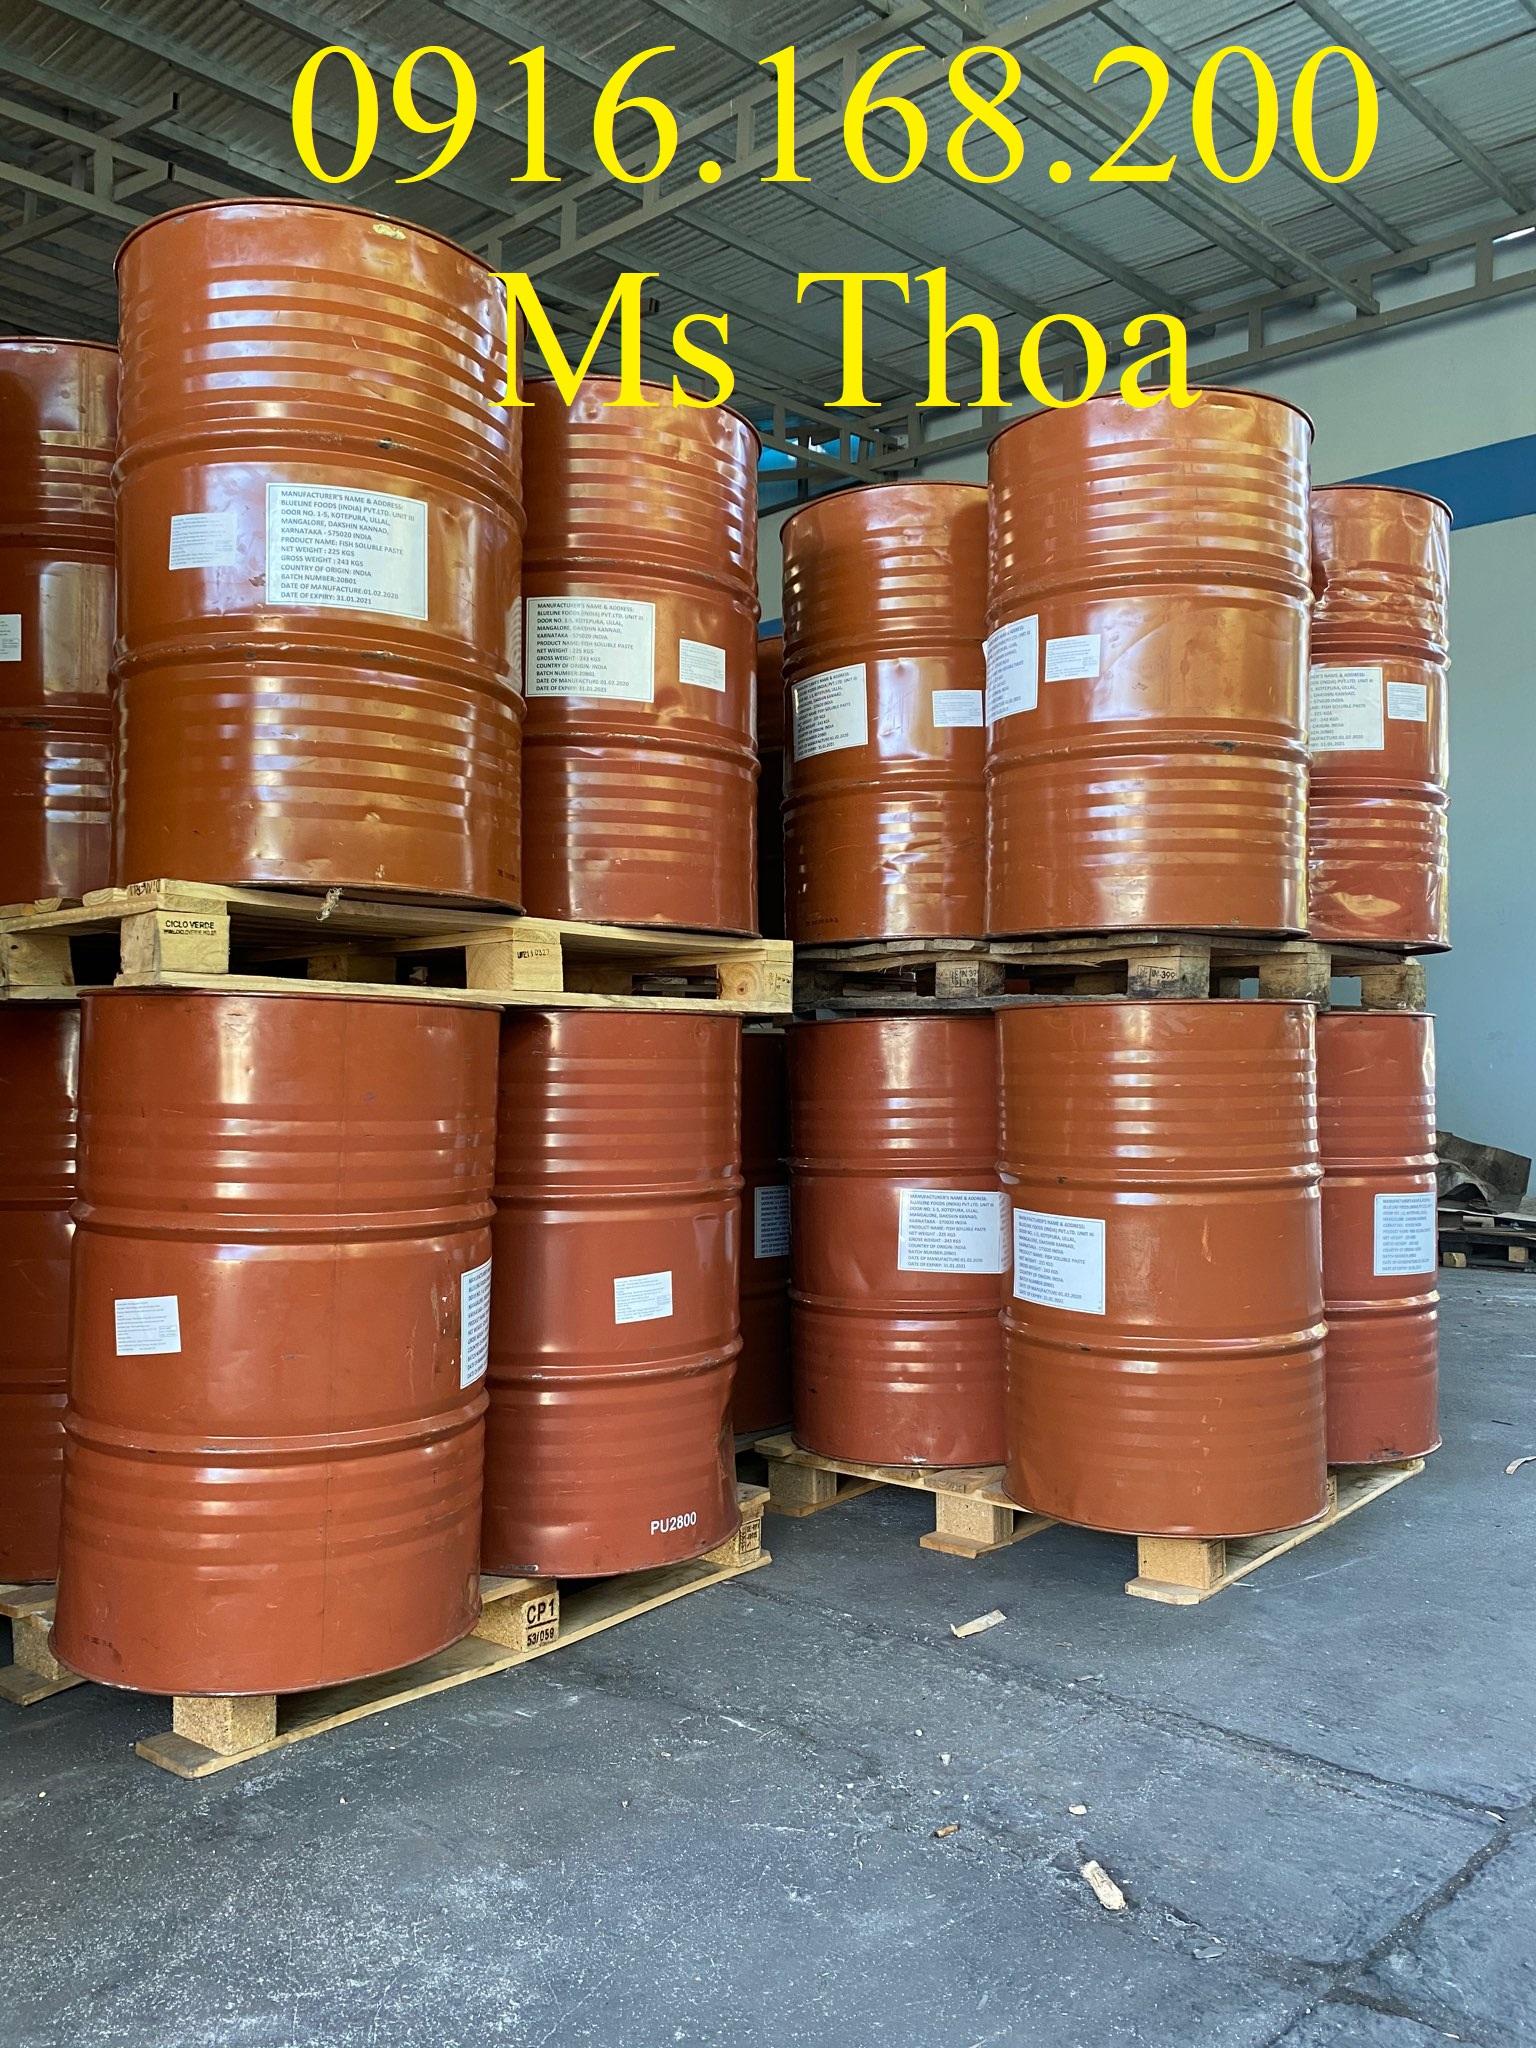 43/7B Nguyễn Văn Bứa, ấp 6, xã Xuân Thới Thượng, Hóc Môn, Tp.HCM